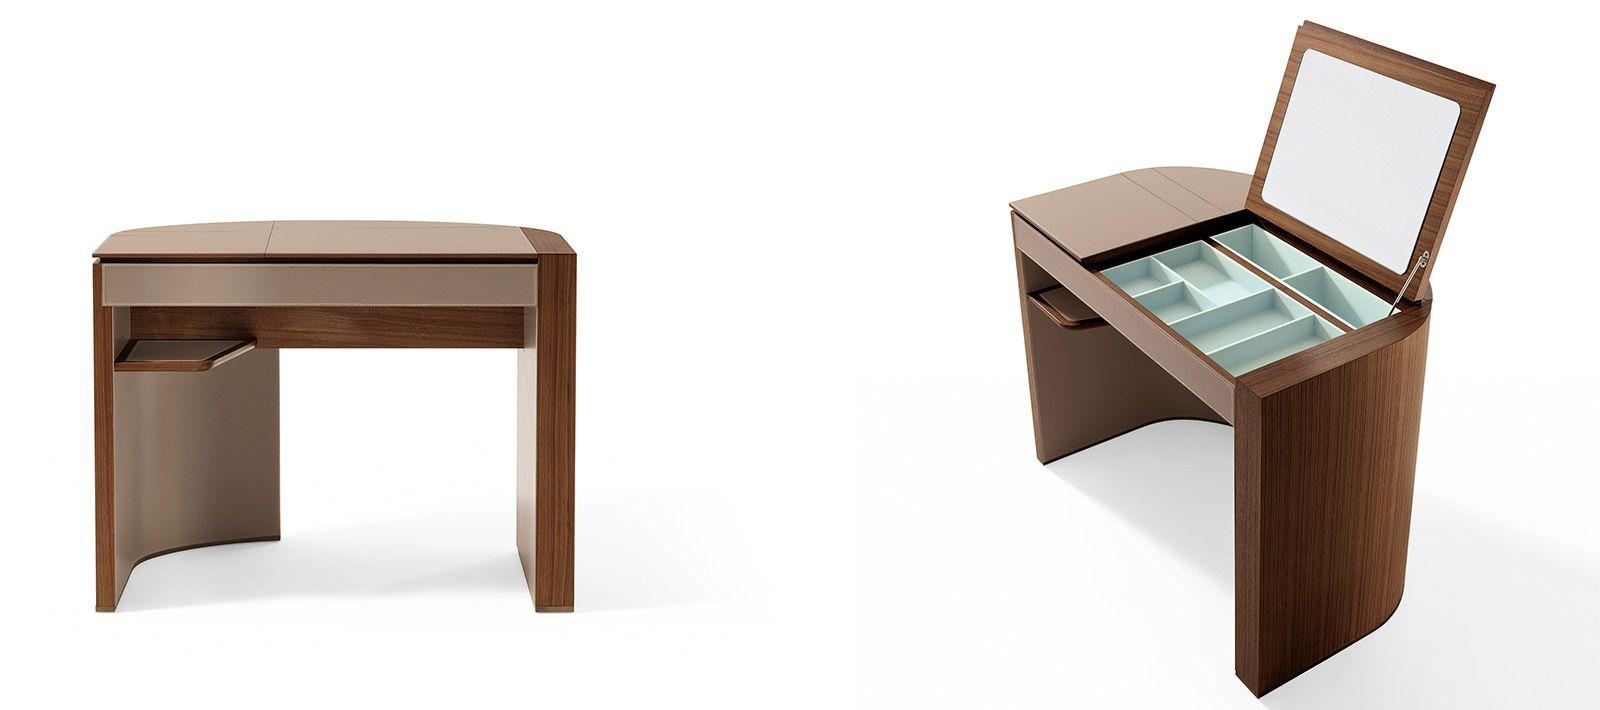 Giorgetti Furniture Pinterest Tocador # Muebles Giorgetti